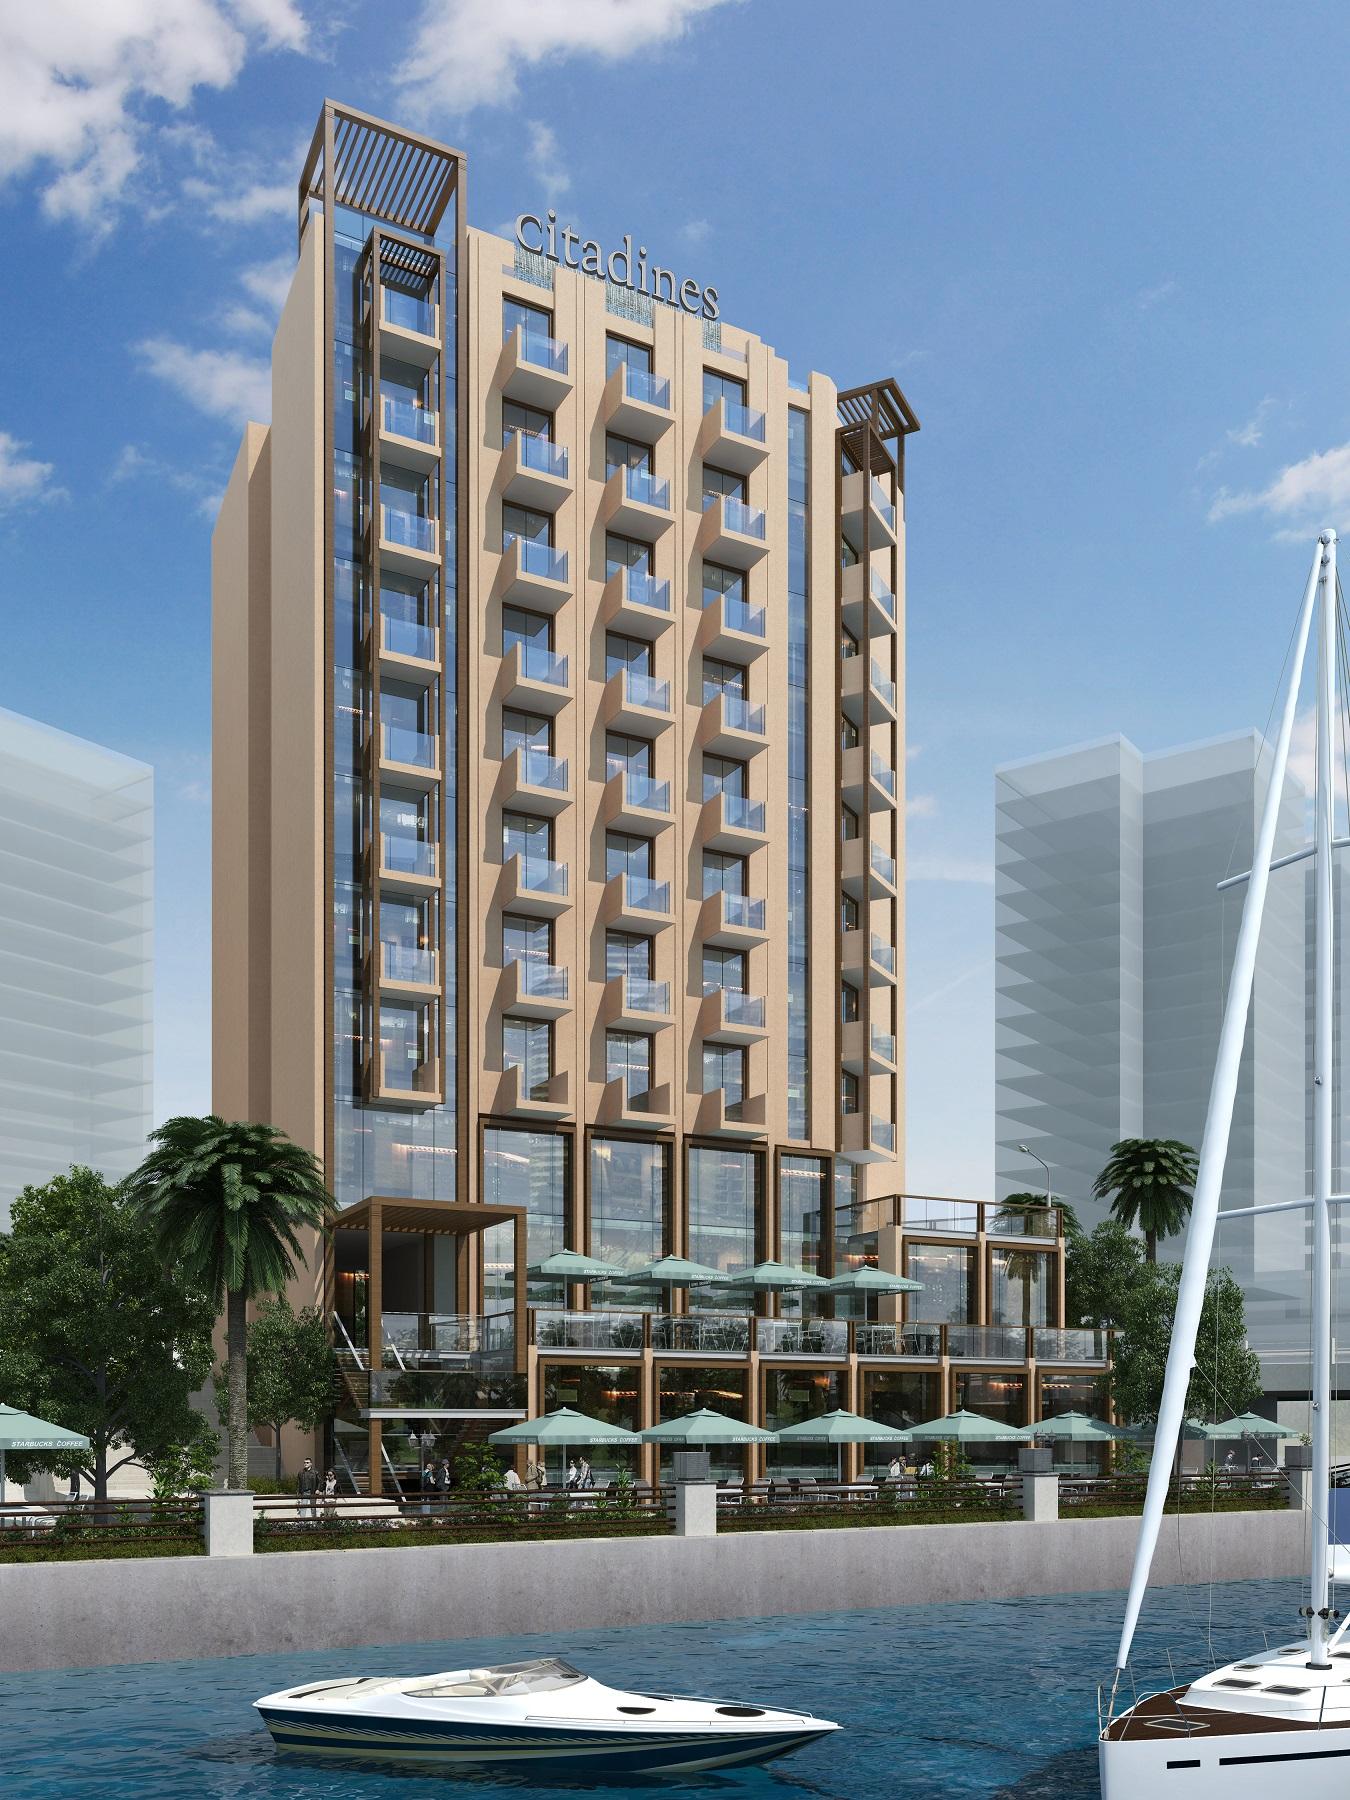 فندق سيتادينز قرية الثقافة في دبي